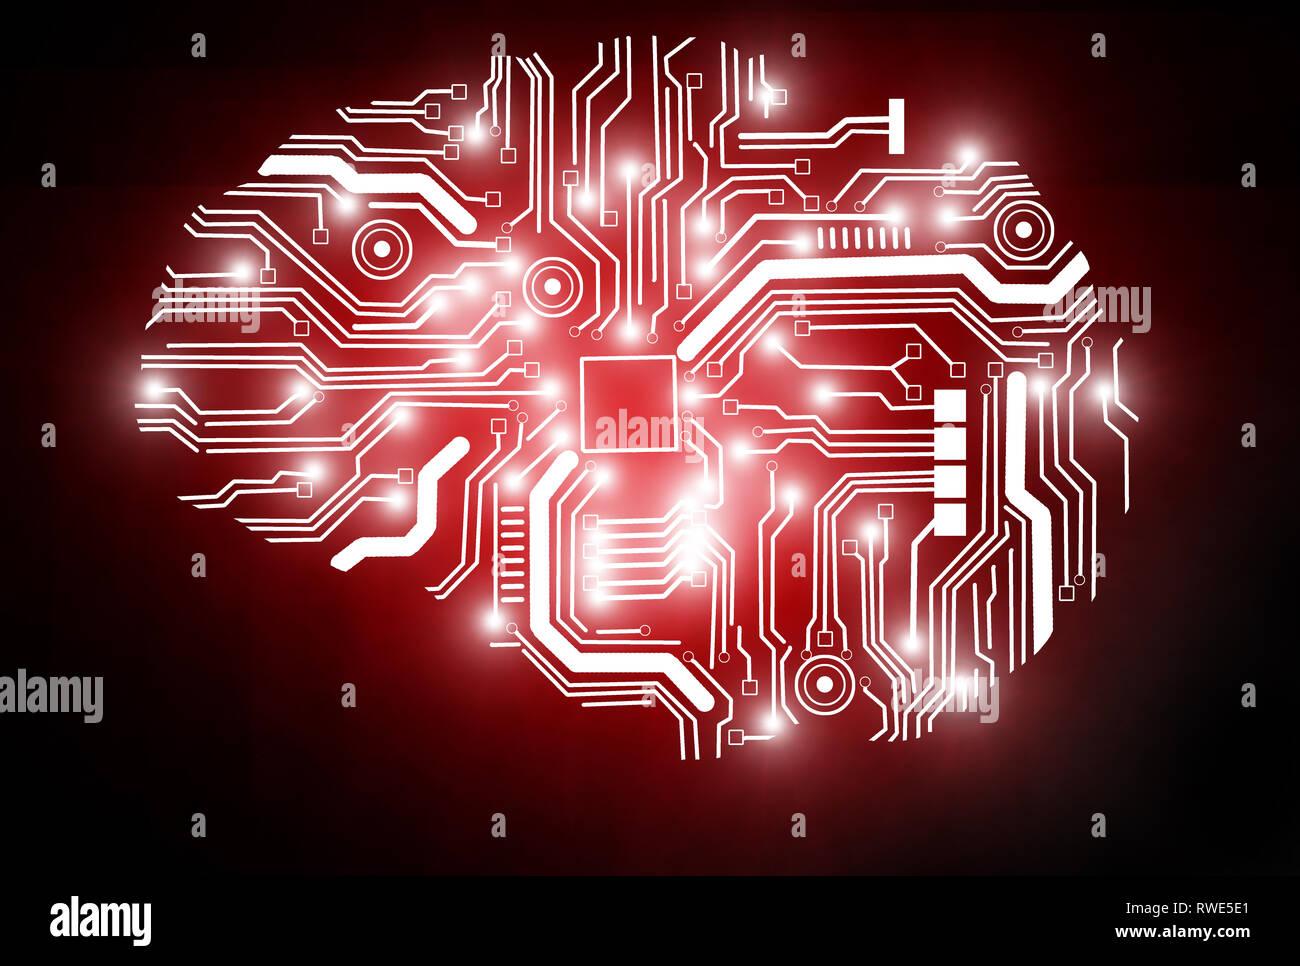 Representación 3D de una imagen conceptual que representa la Inteligencia Artificial. Imagen De Stock